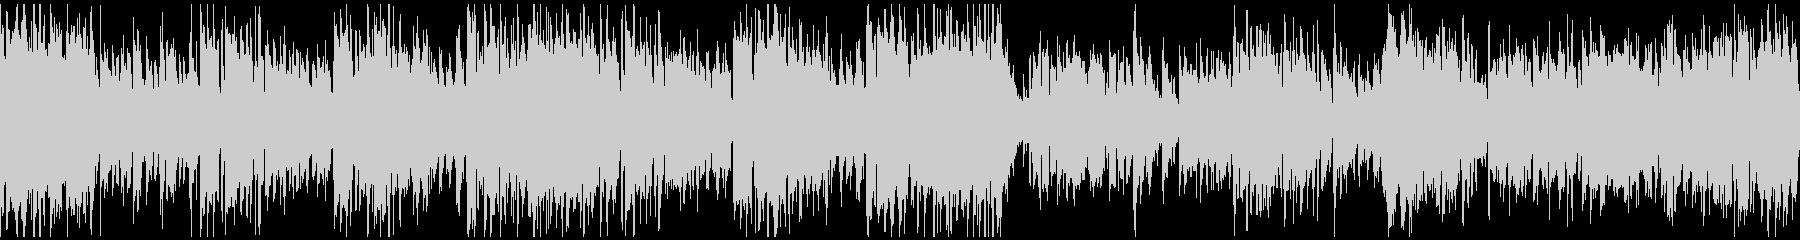 アグレッシブ管楽器ジャズ ※ループ仕様版の未再生の波形